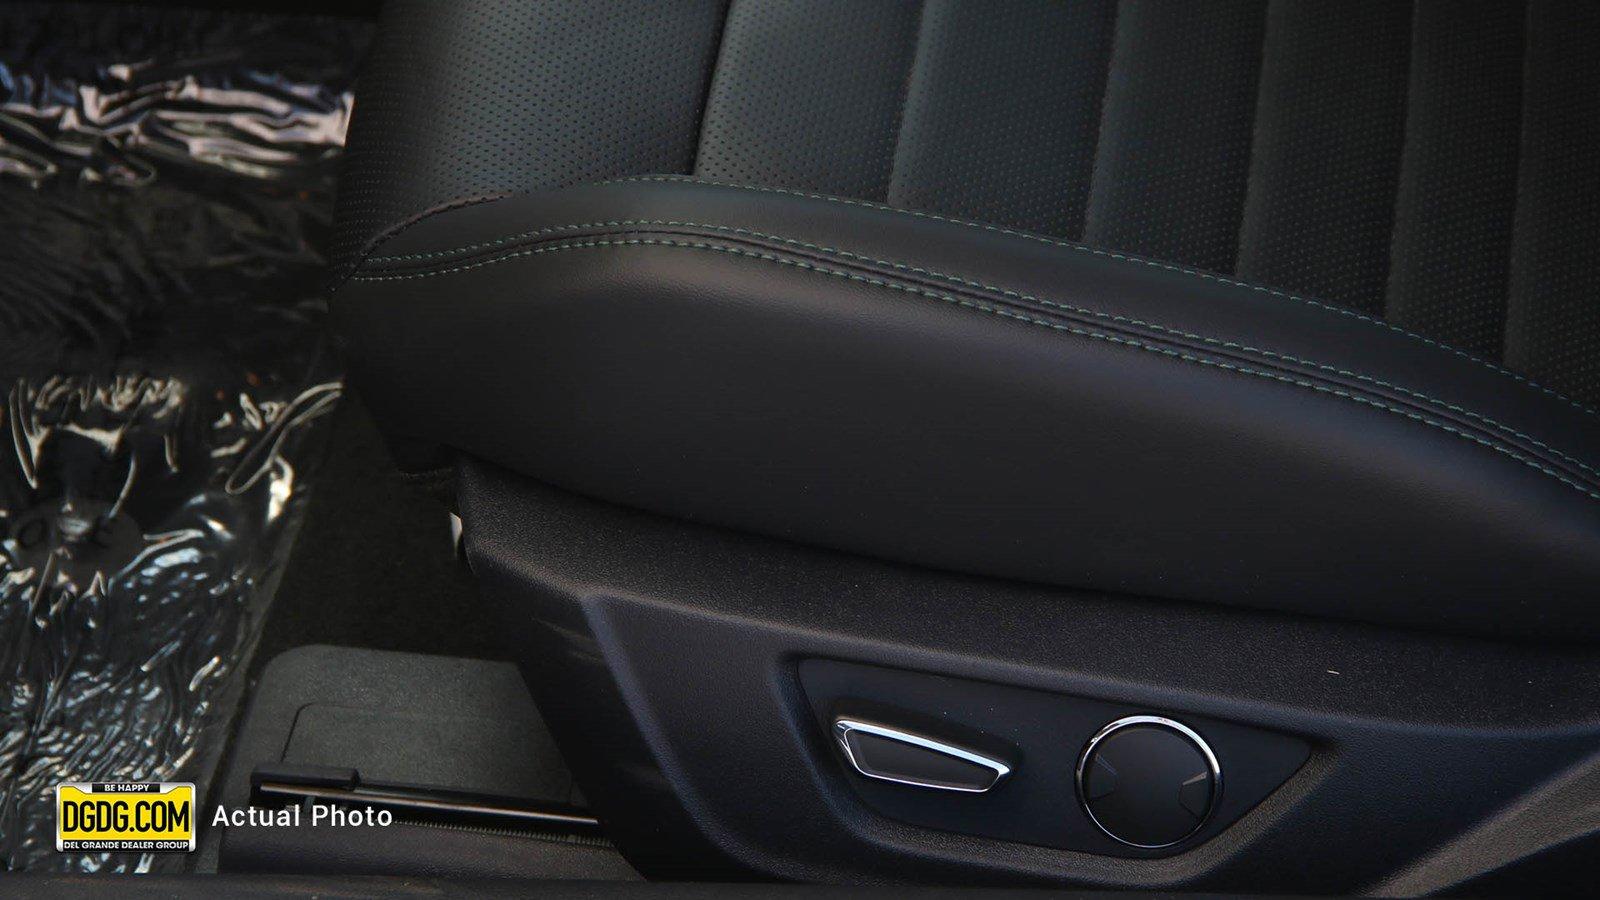 New 2019 Ford Mustang Bullitt